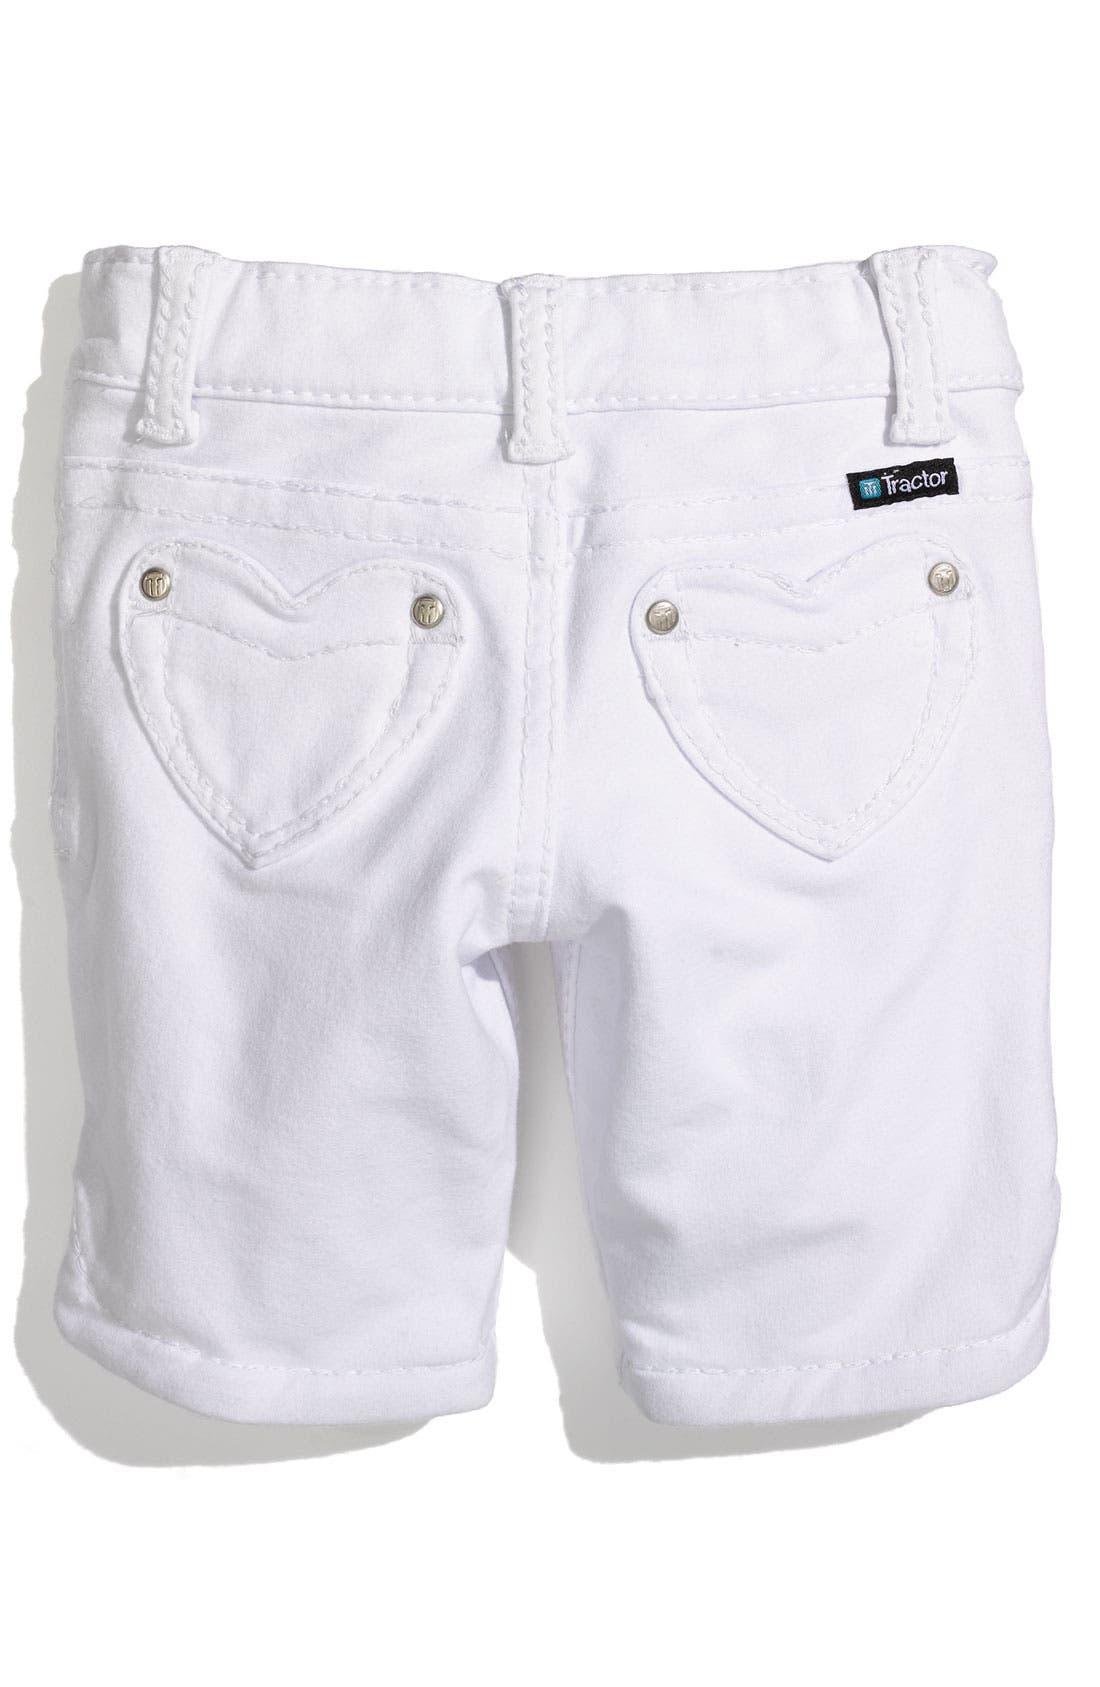 TRACTR,                             Heart Pocket Bermuda Shorts,                             Main thumbnail 1, color,                             100